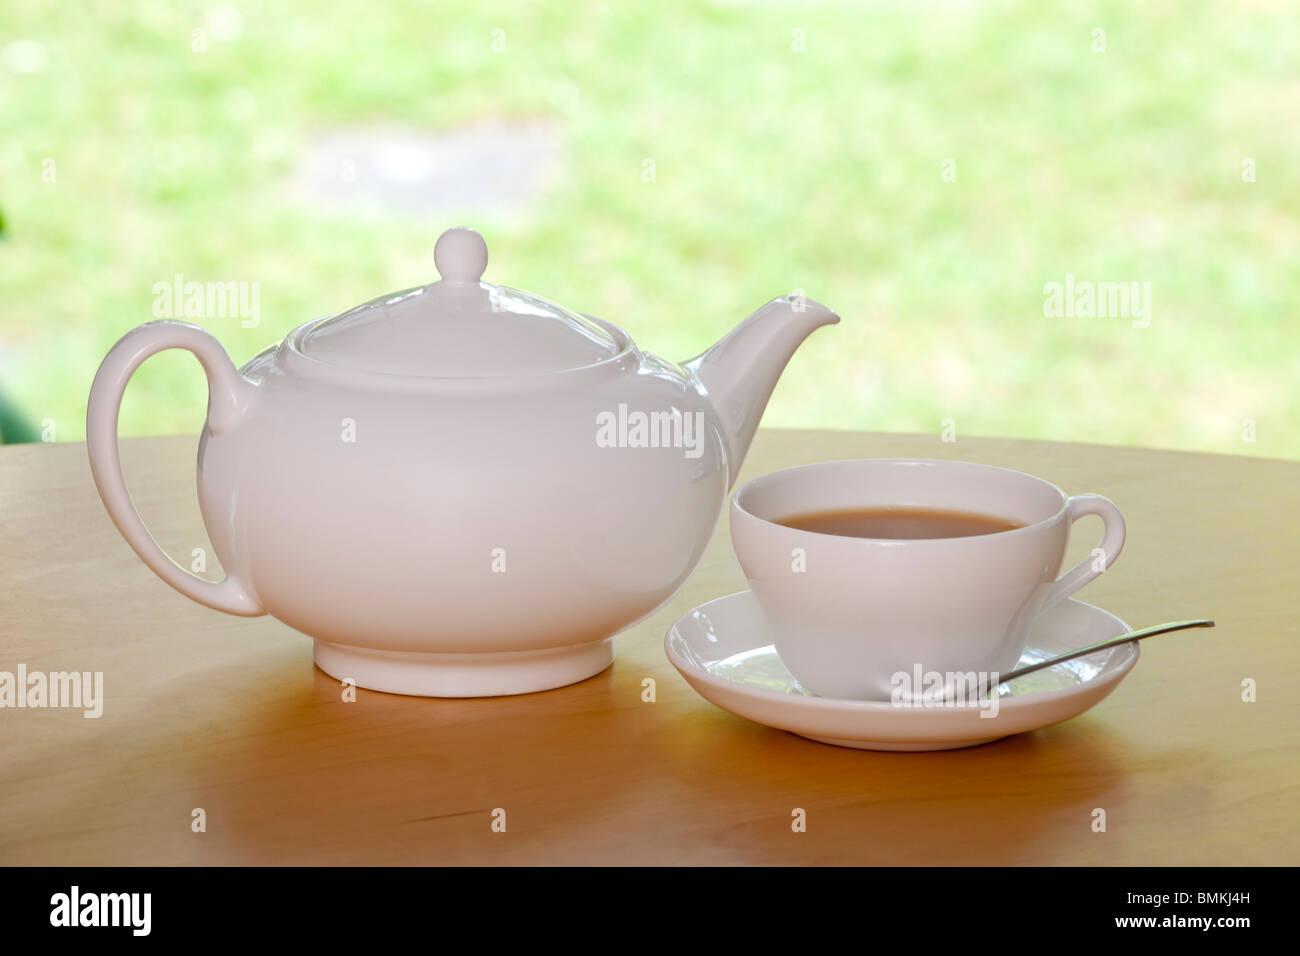 Tea Pot & Cup - Stock Image